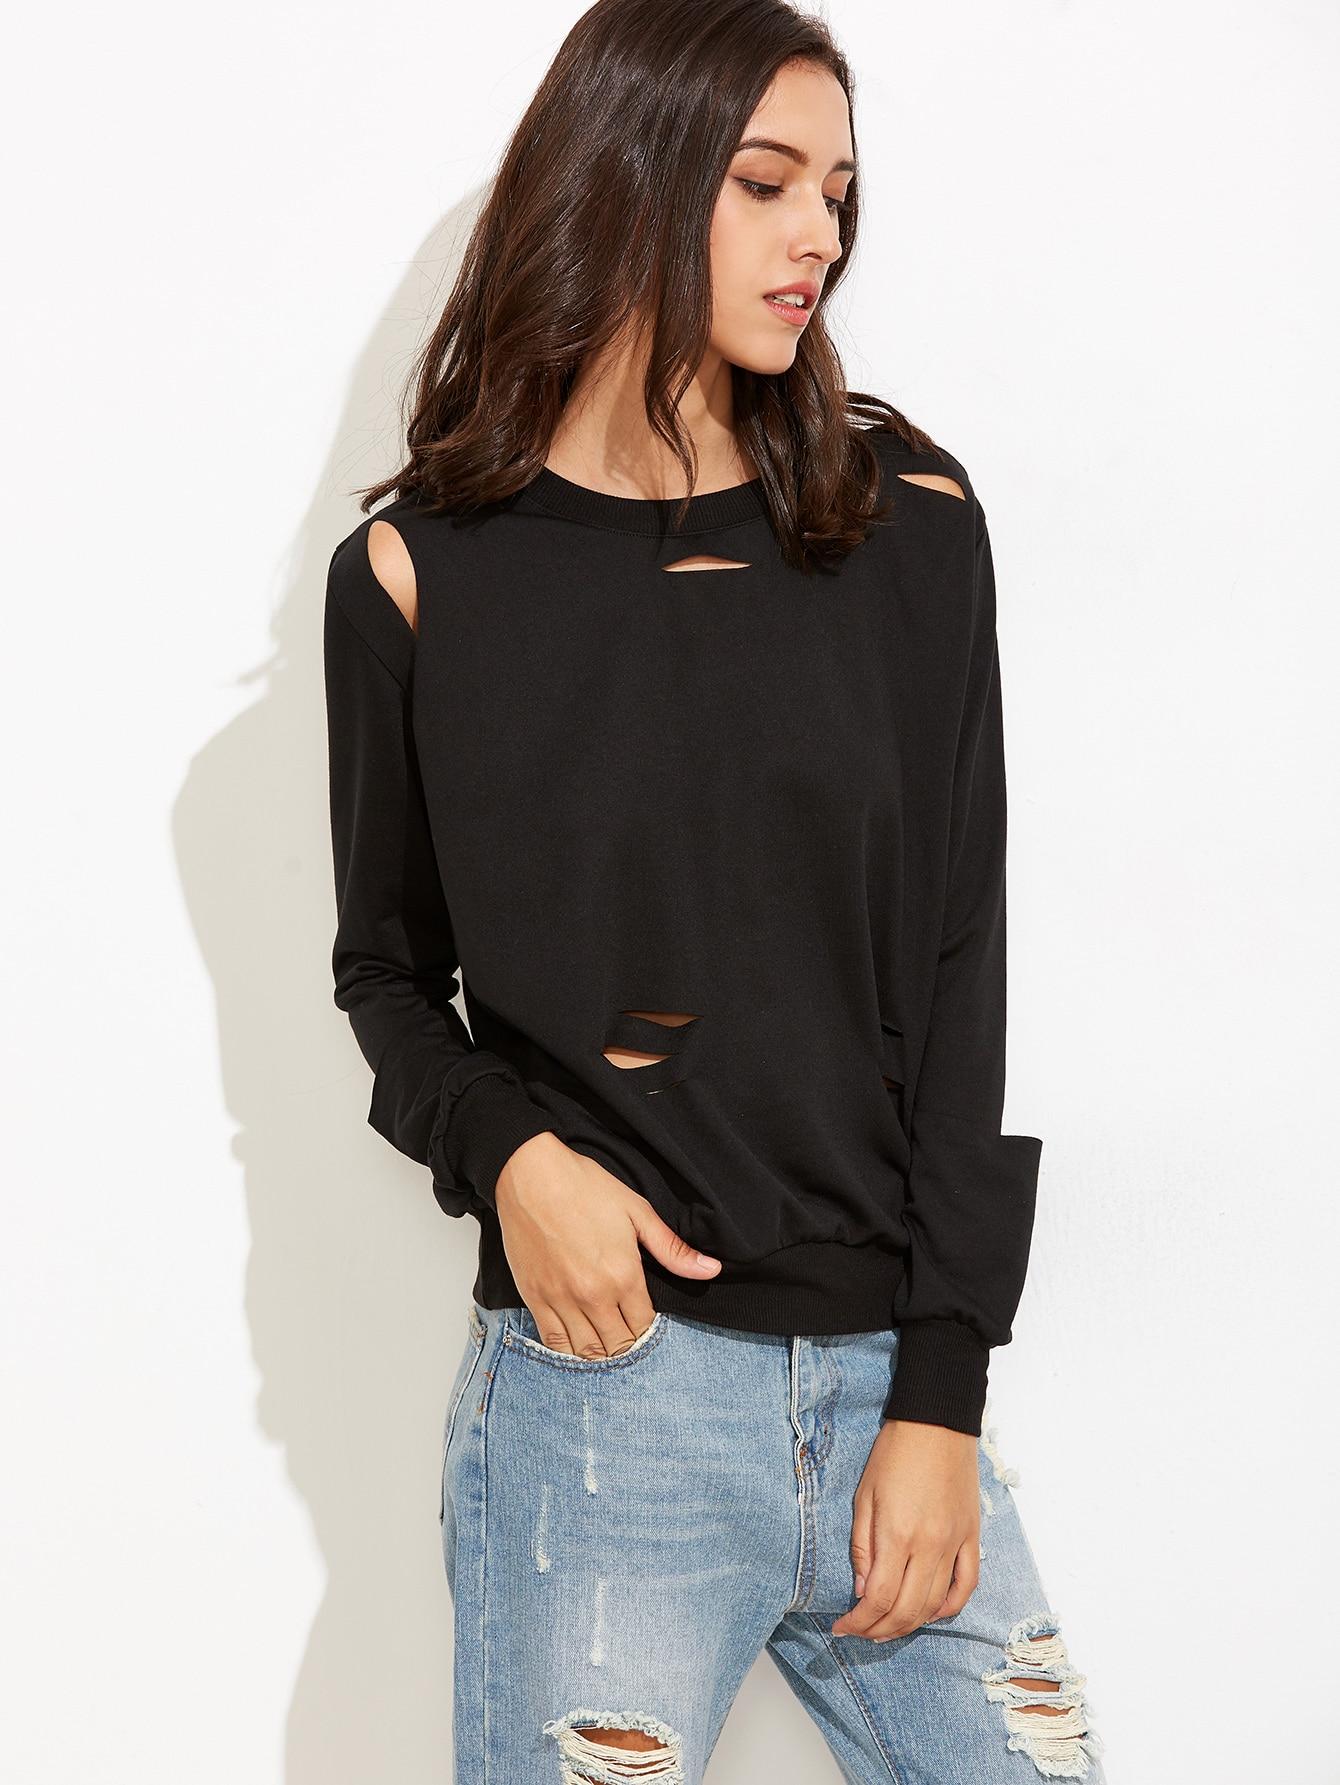 sweatshirt160831102_2